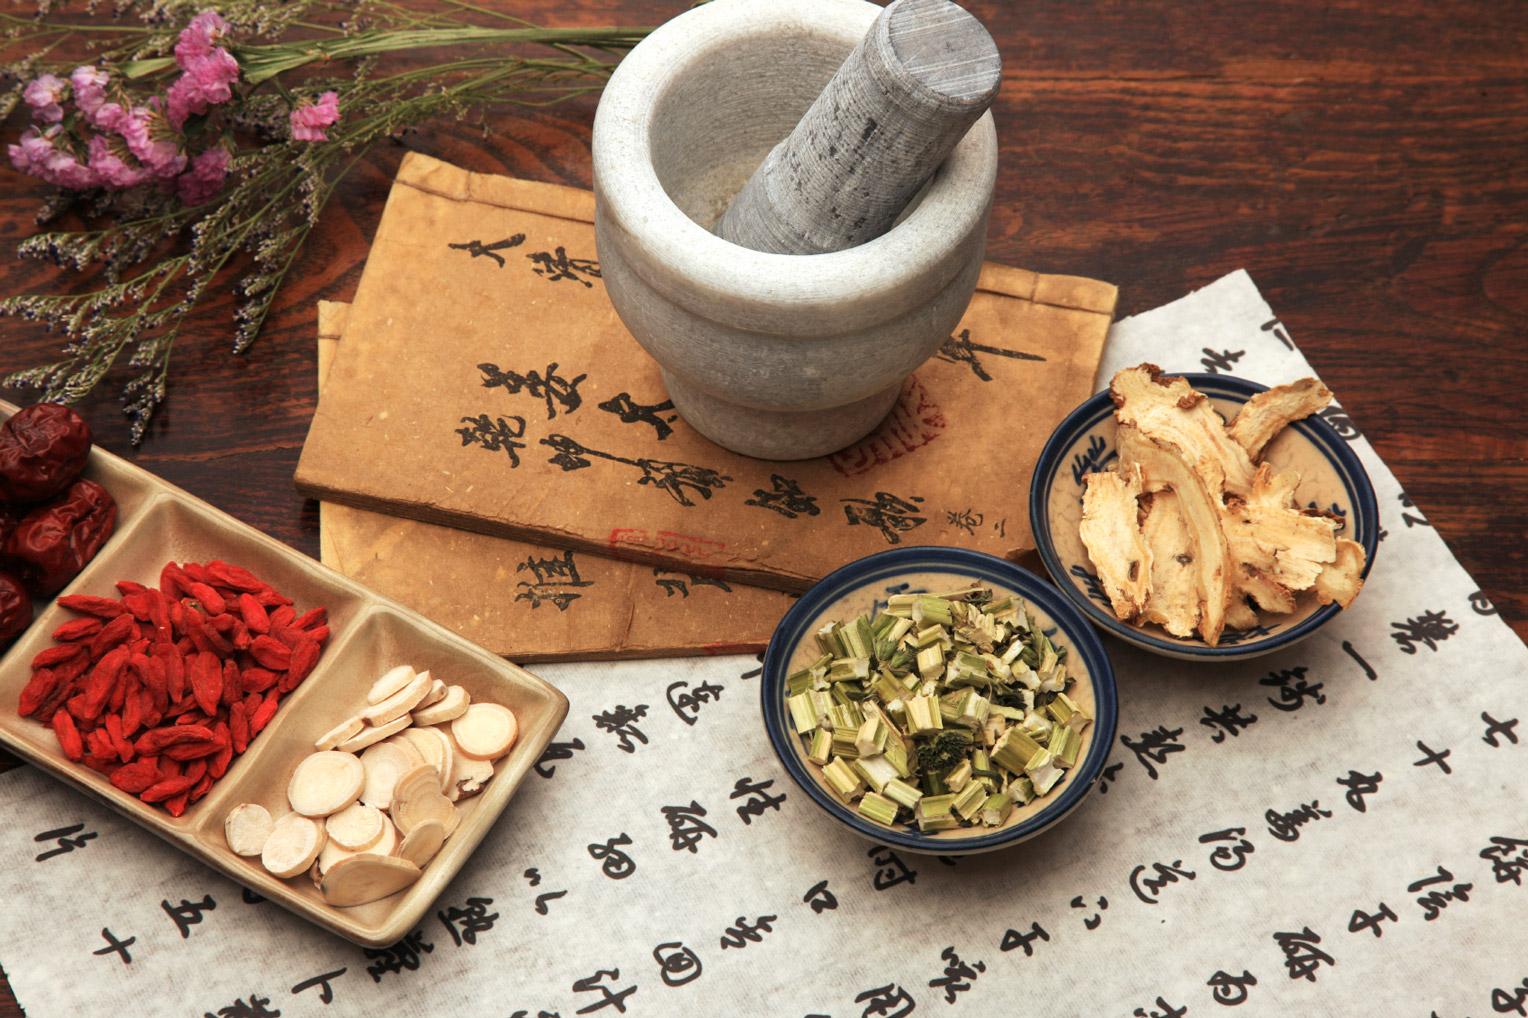 Chinesische Kräuter mit chinesichen Schriften